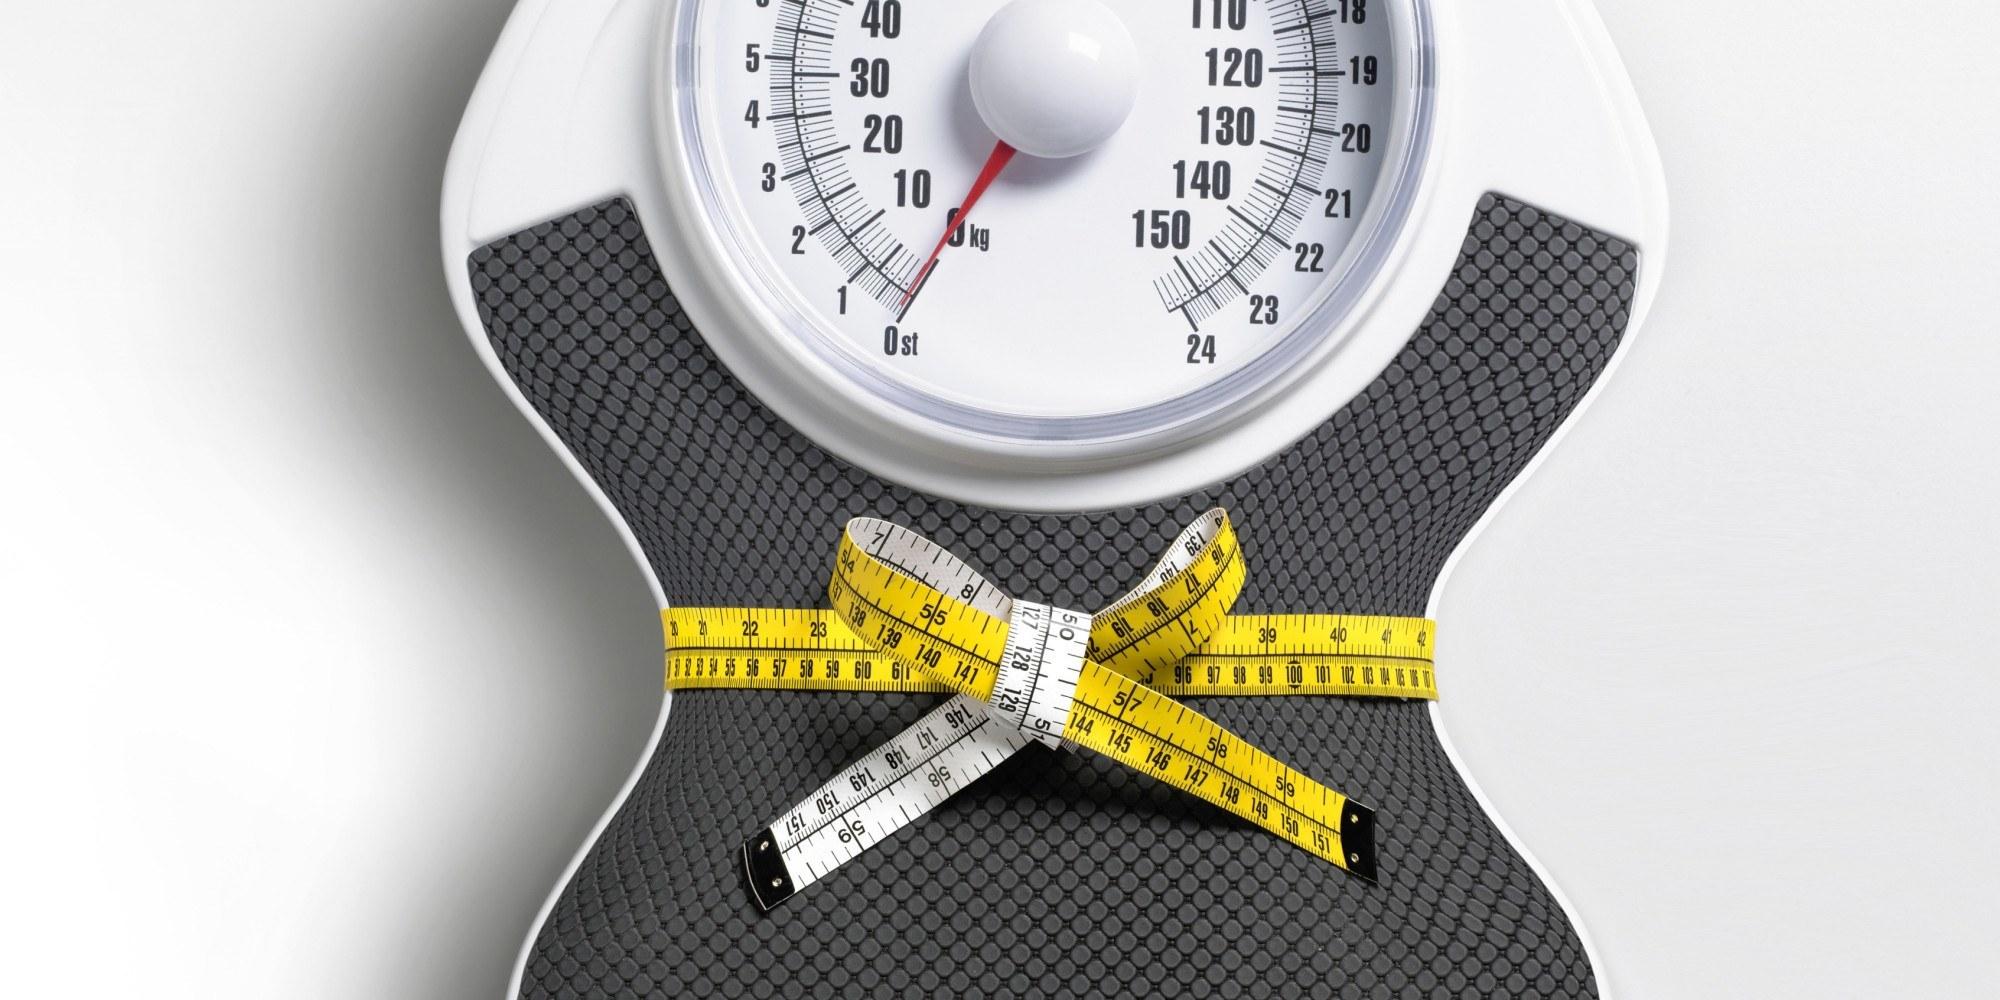 intégration perte de poids brûlez-vous des graisses saturées